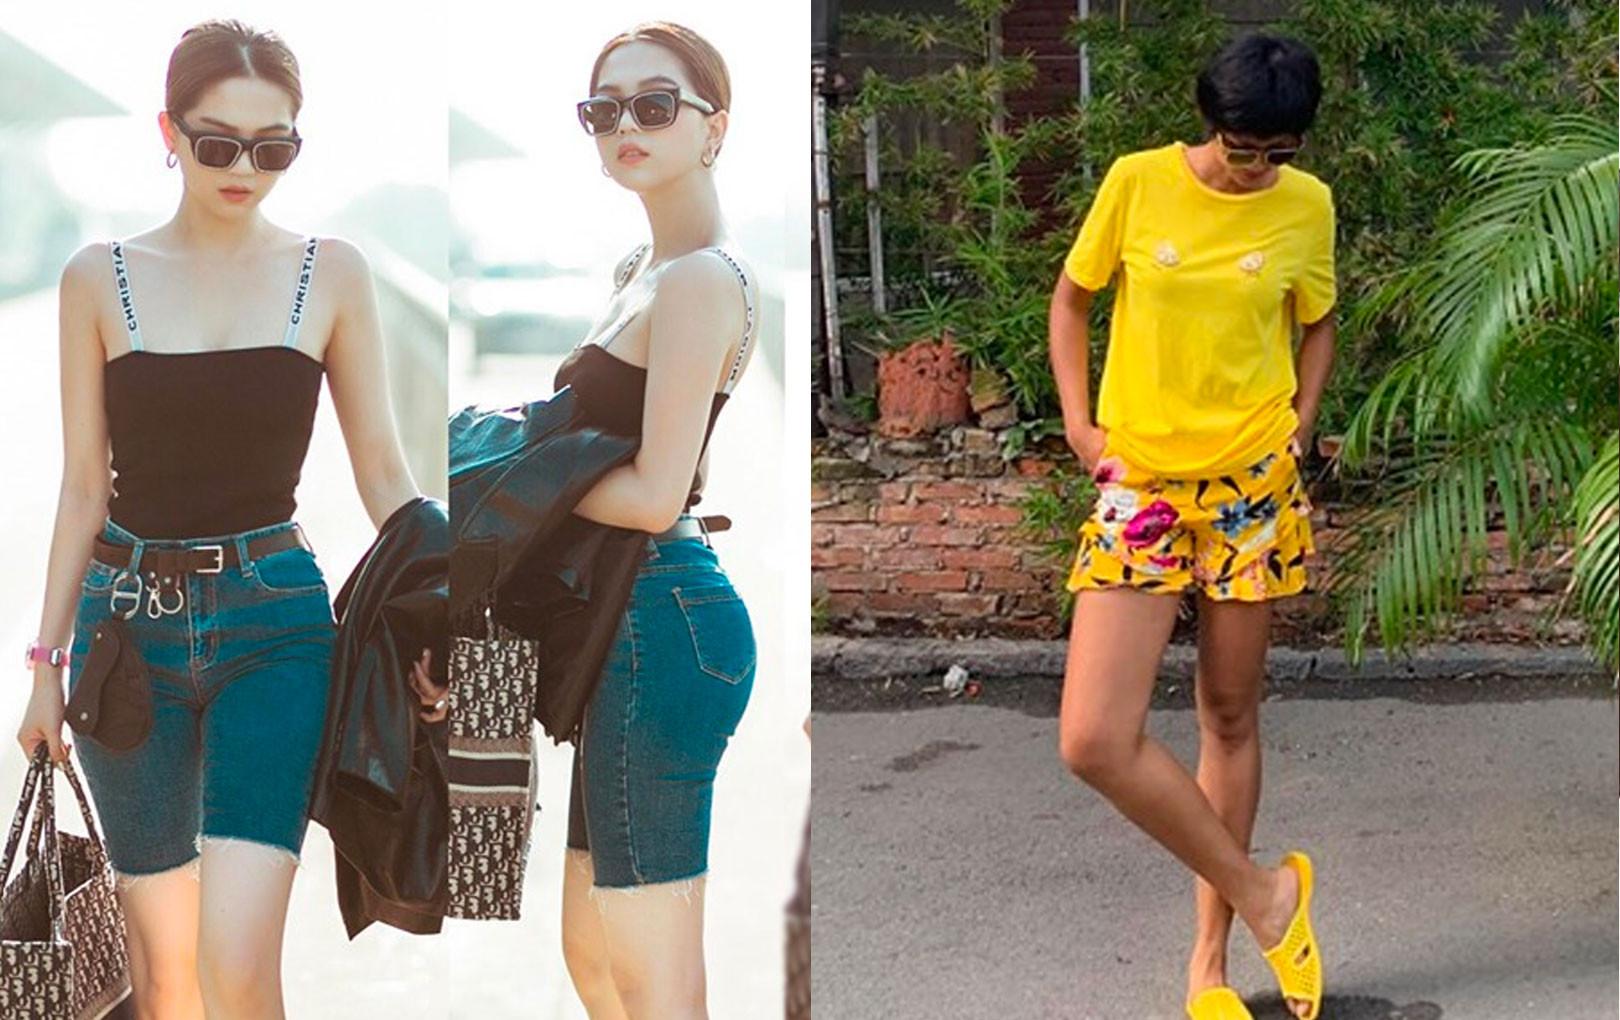 H'Hen Niê giản dị hết cỡ với đồ ngủ, dép tổ ong - Hiền Thục khoe street style trẻ trung như U20